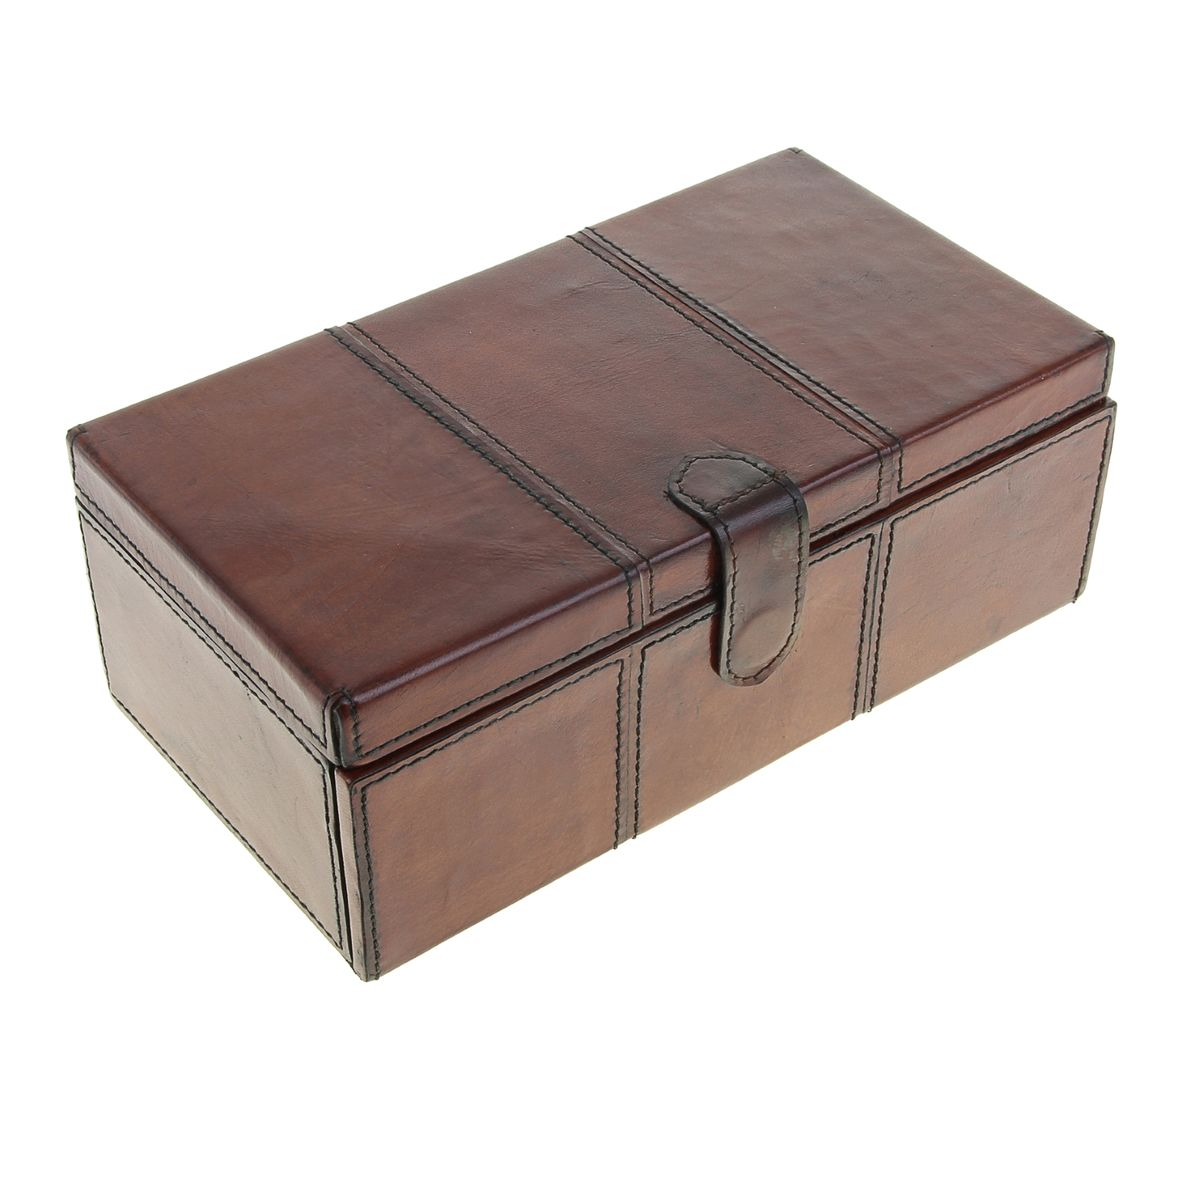 Шкатулка Sima-land, цвет: коричневый, 28,5 см х 15,5 см х 11 см699573Великолепная шкатулка Sima-land для бижутерии не оставит равнодушной ни одну любительницу изысканных вещей. Шкатулка выполнена в виде сундучка из МДФ, обтянутого кожей буйвола. Внутренняя поверхность шкатулки отделана текстилем бежевого цвета. Шкатулка закрывается на магнитный замок.Внутри имеется четыре отделения, одно из которых закрывается на крышку. Внизу имеется два выдвижных потайных отделения. На внутренней стороне крышки имеется зеркальце.Сочетание оригинального дизайна и функциональности сделает такую шкатулку практичным, стильным подарком и предметом гордости ее обладательницы.Размер зеркала: 22 см х 9 см.